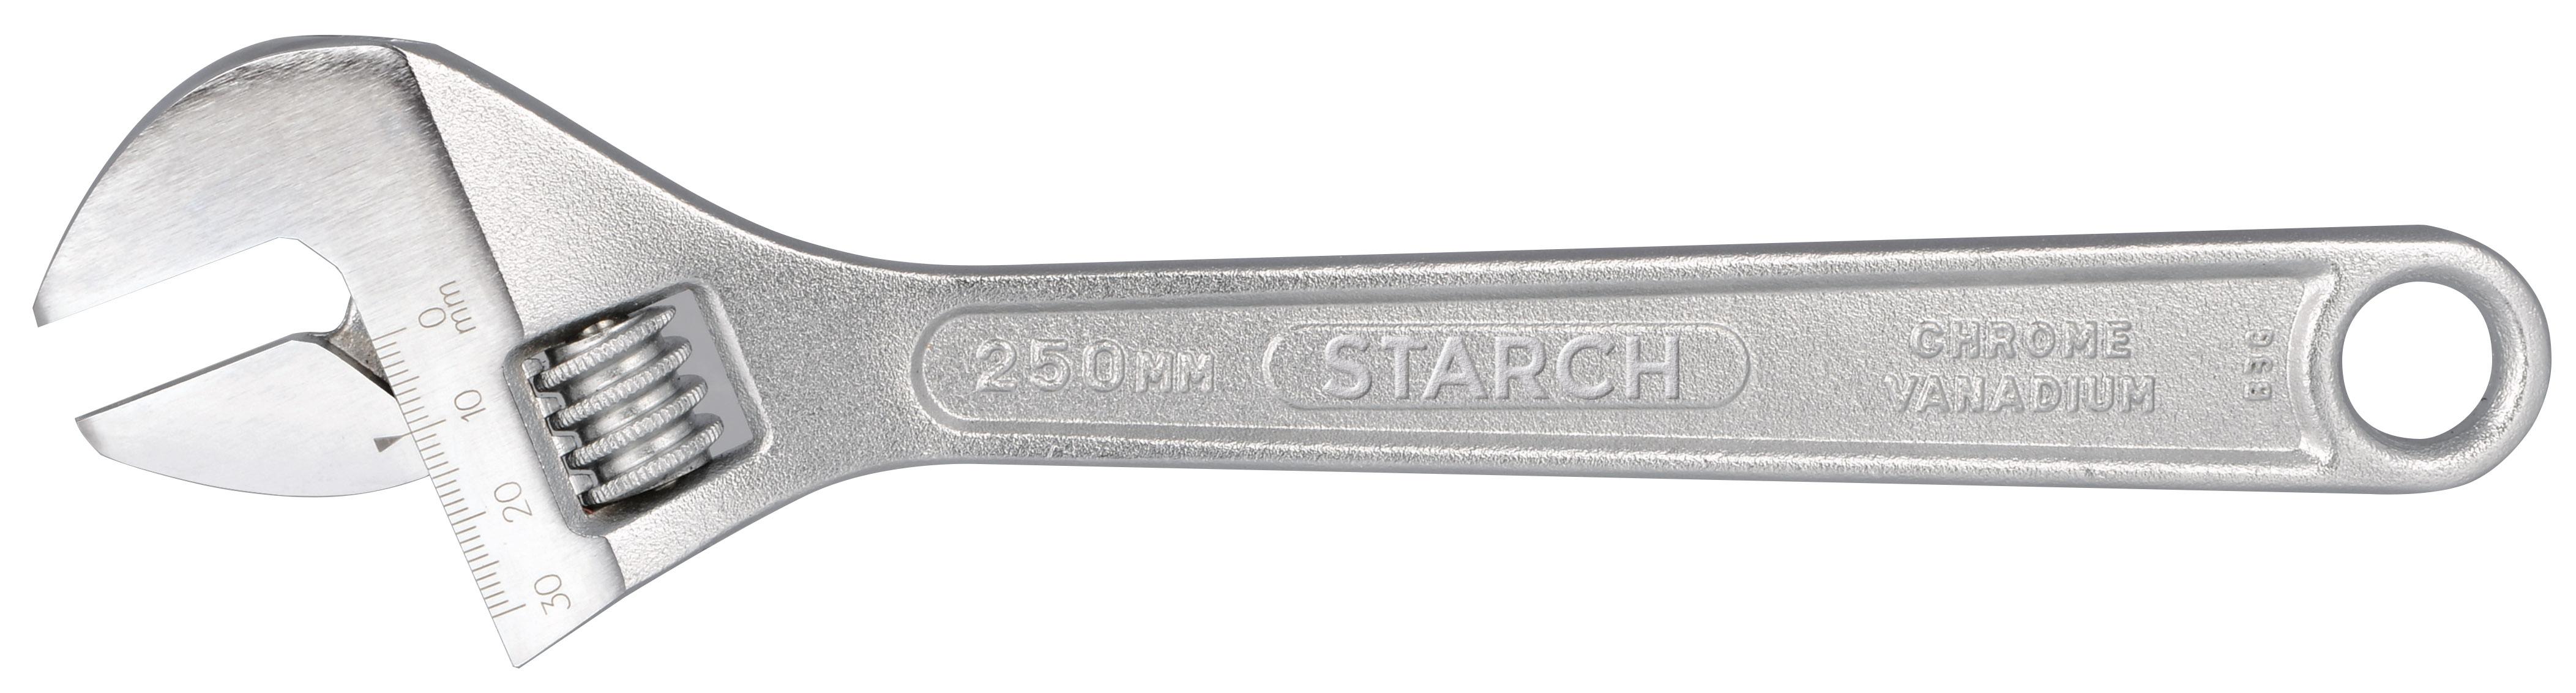 Rollgabelschlüssel, mit Skala Image